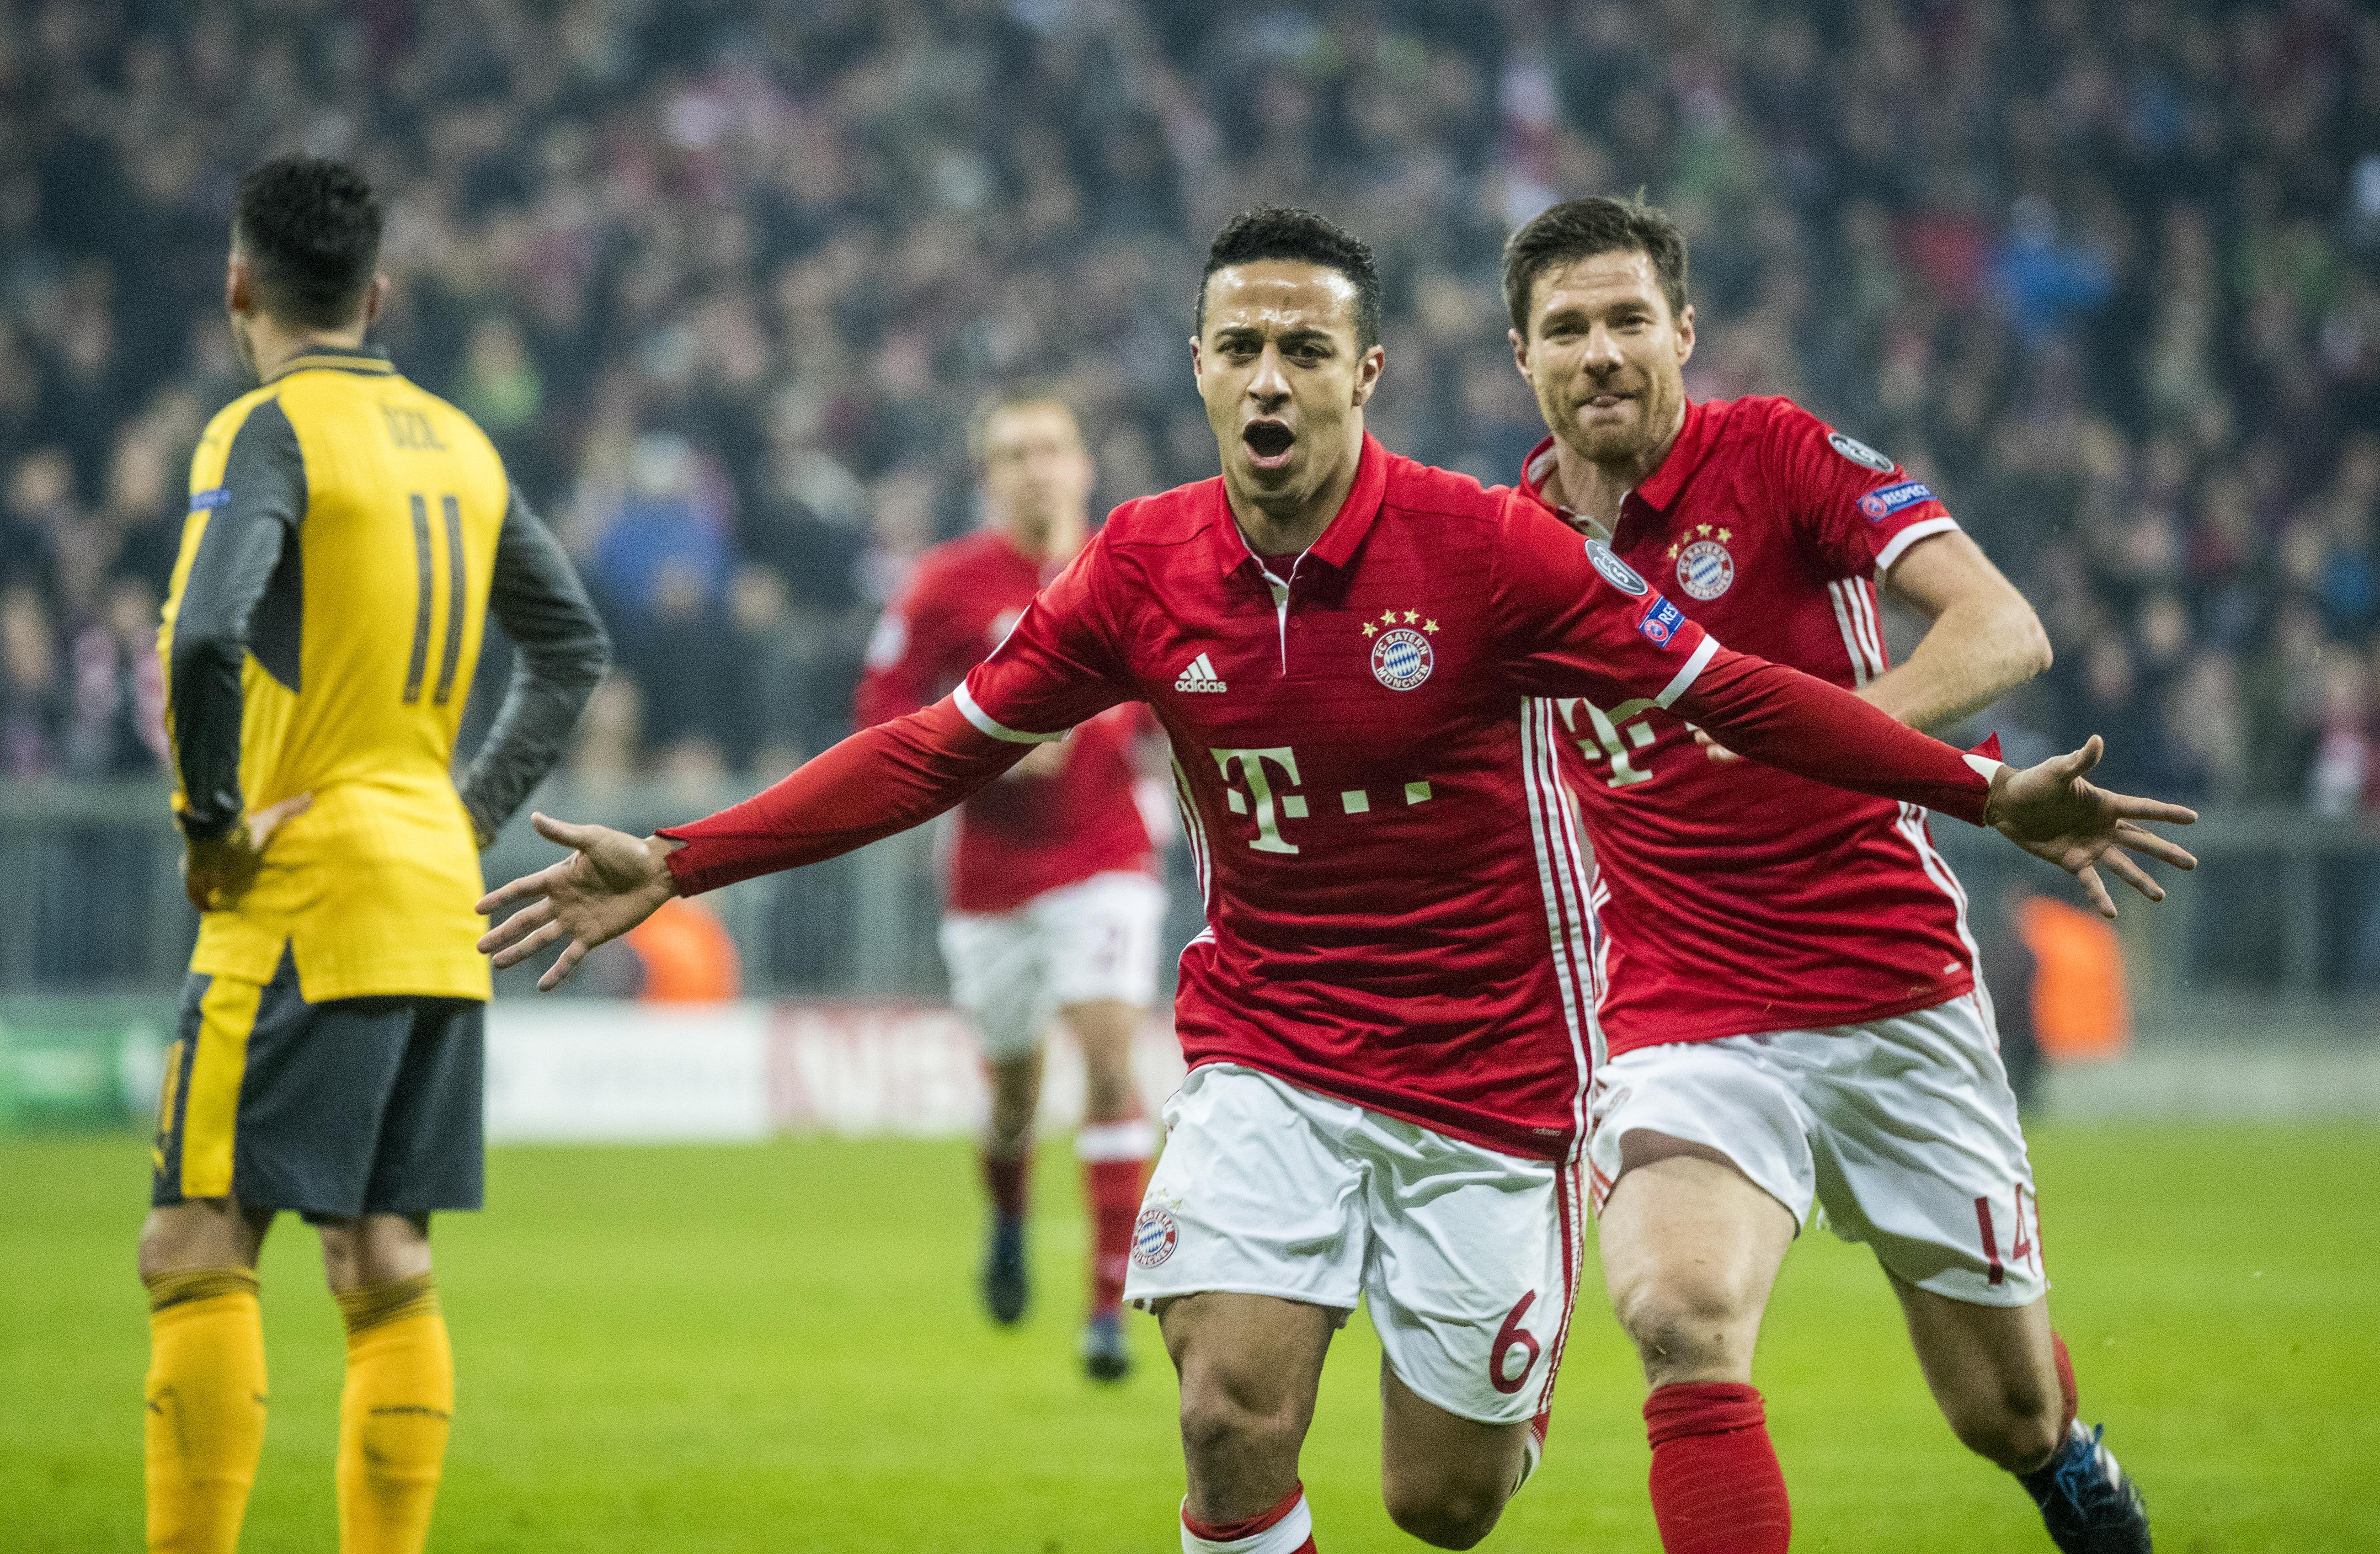 ¿Quiénes 'dominan' el fútbol en Europa?